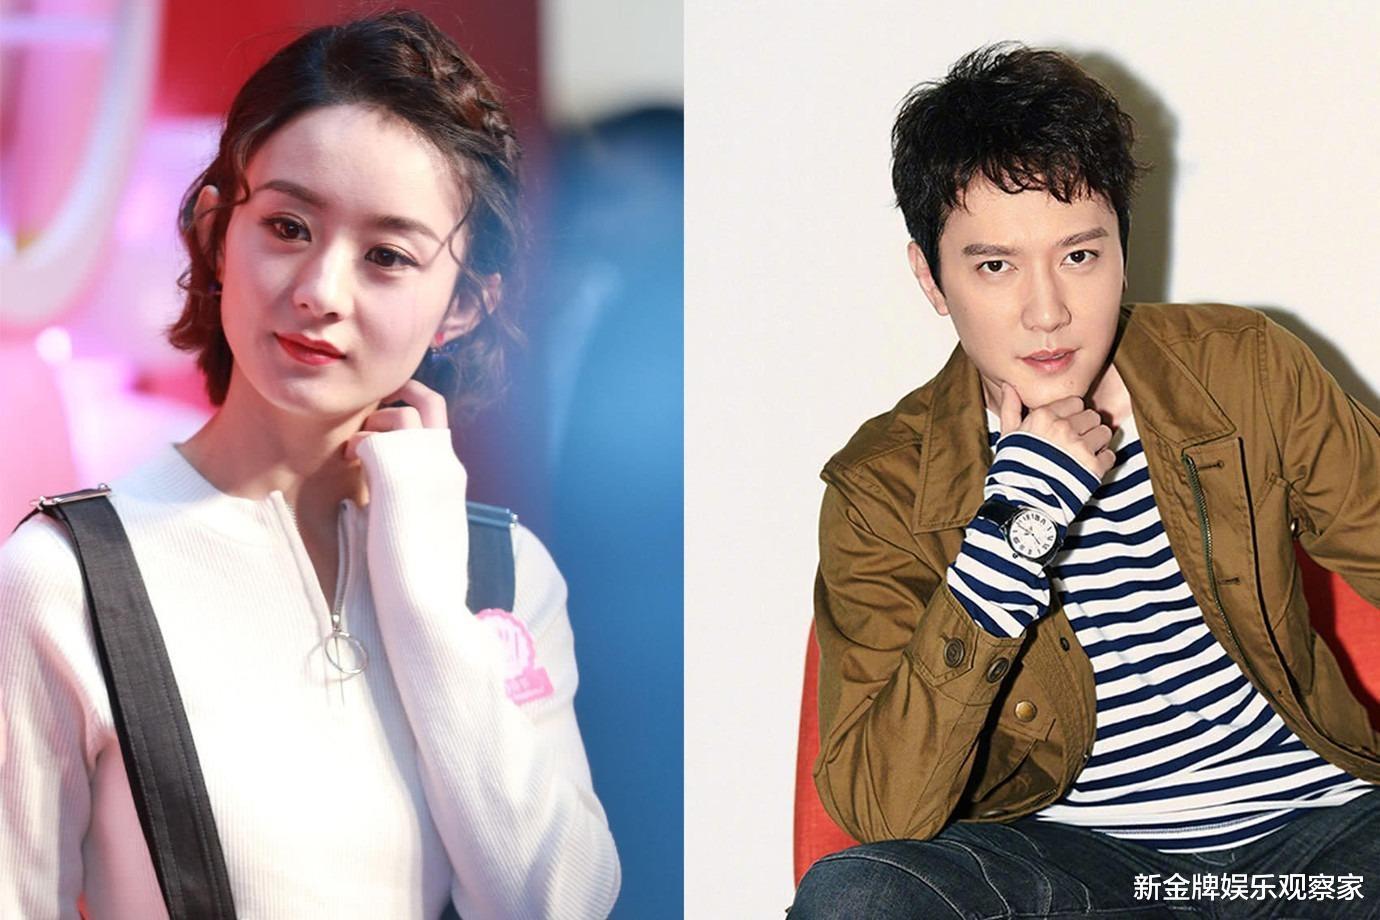 赵丽颖冯绍峰离婚,汪峰又躺枪,两天前发文称让大家久等了?